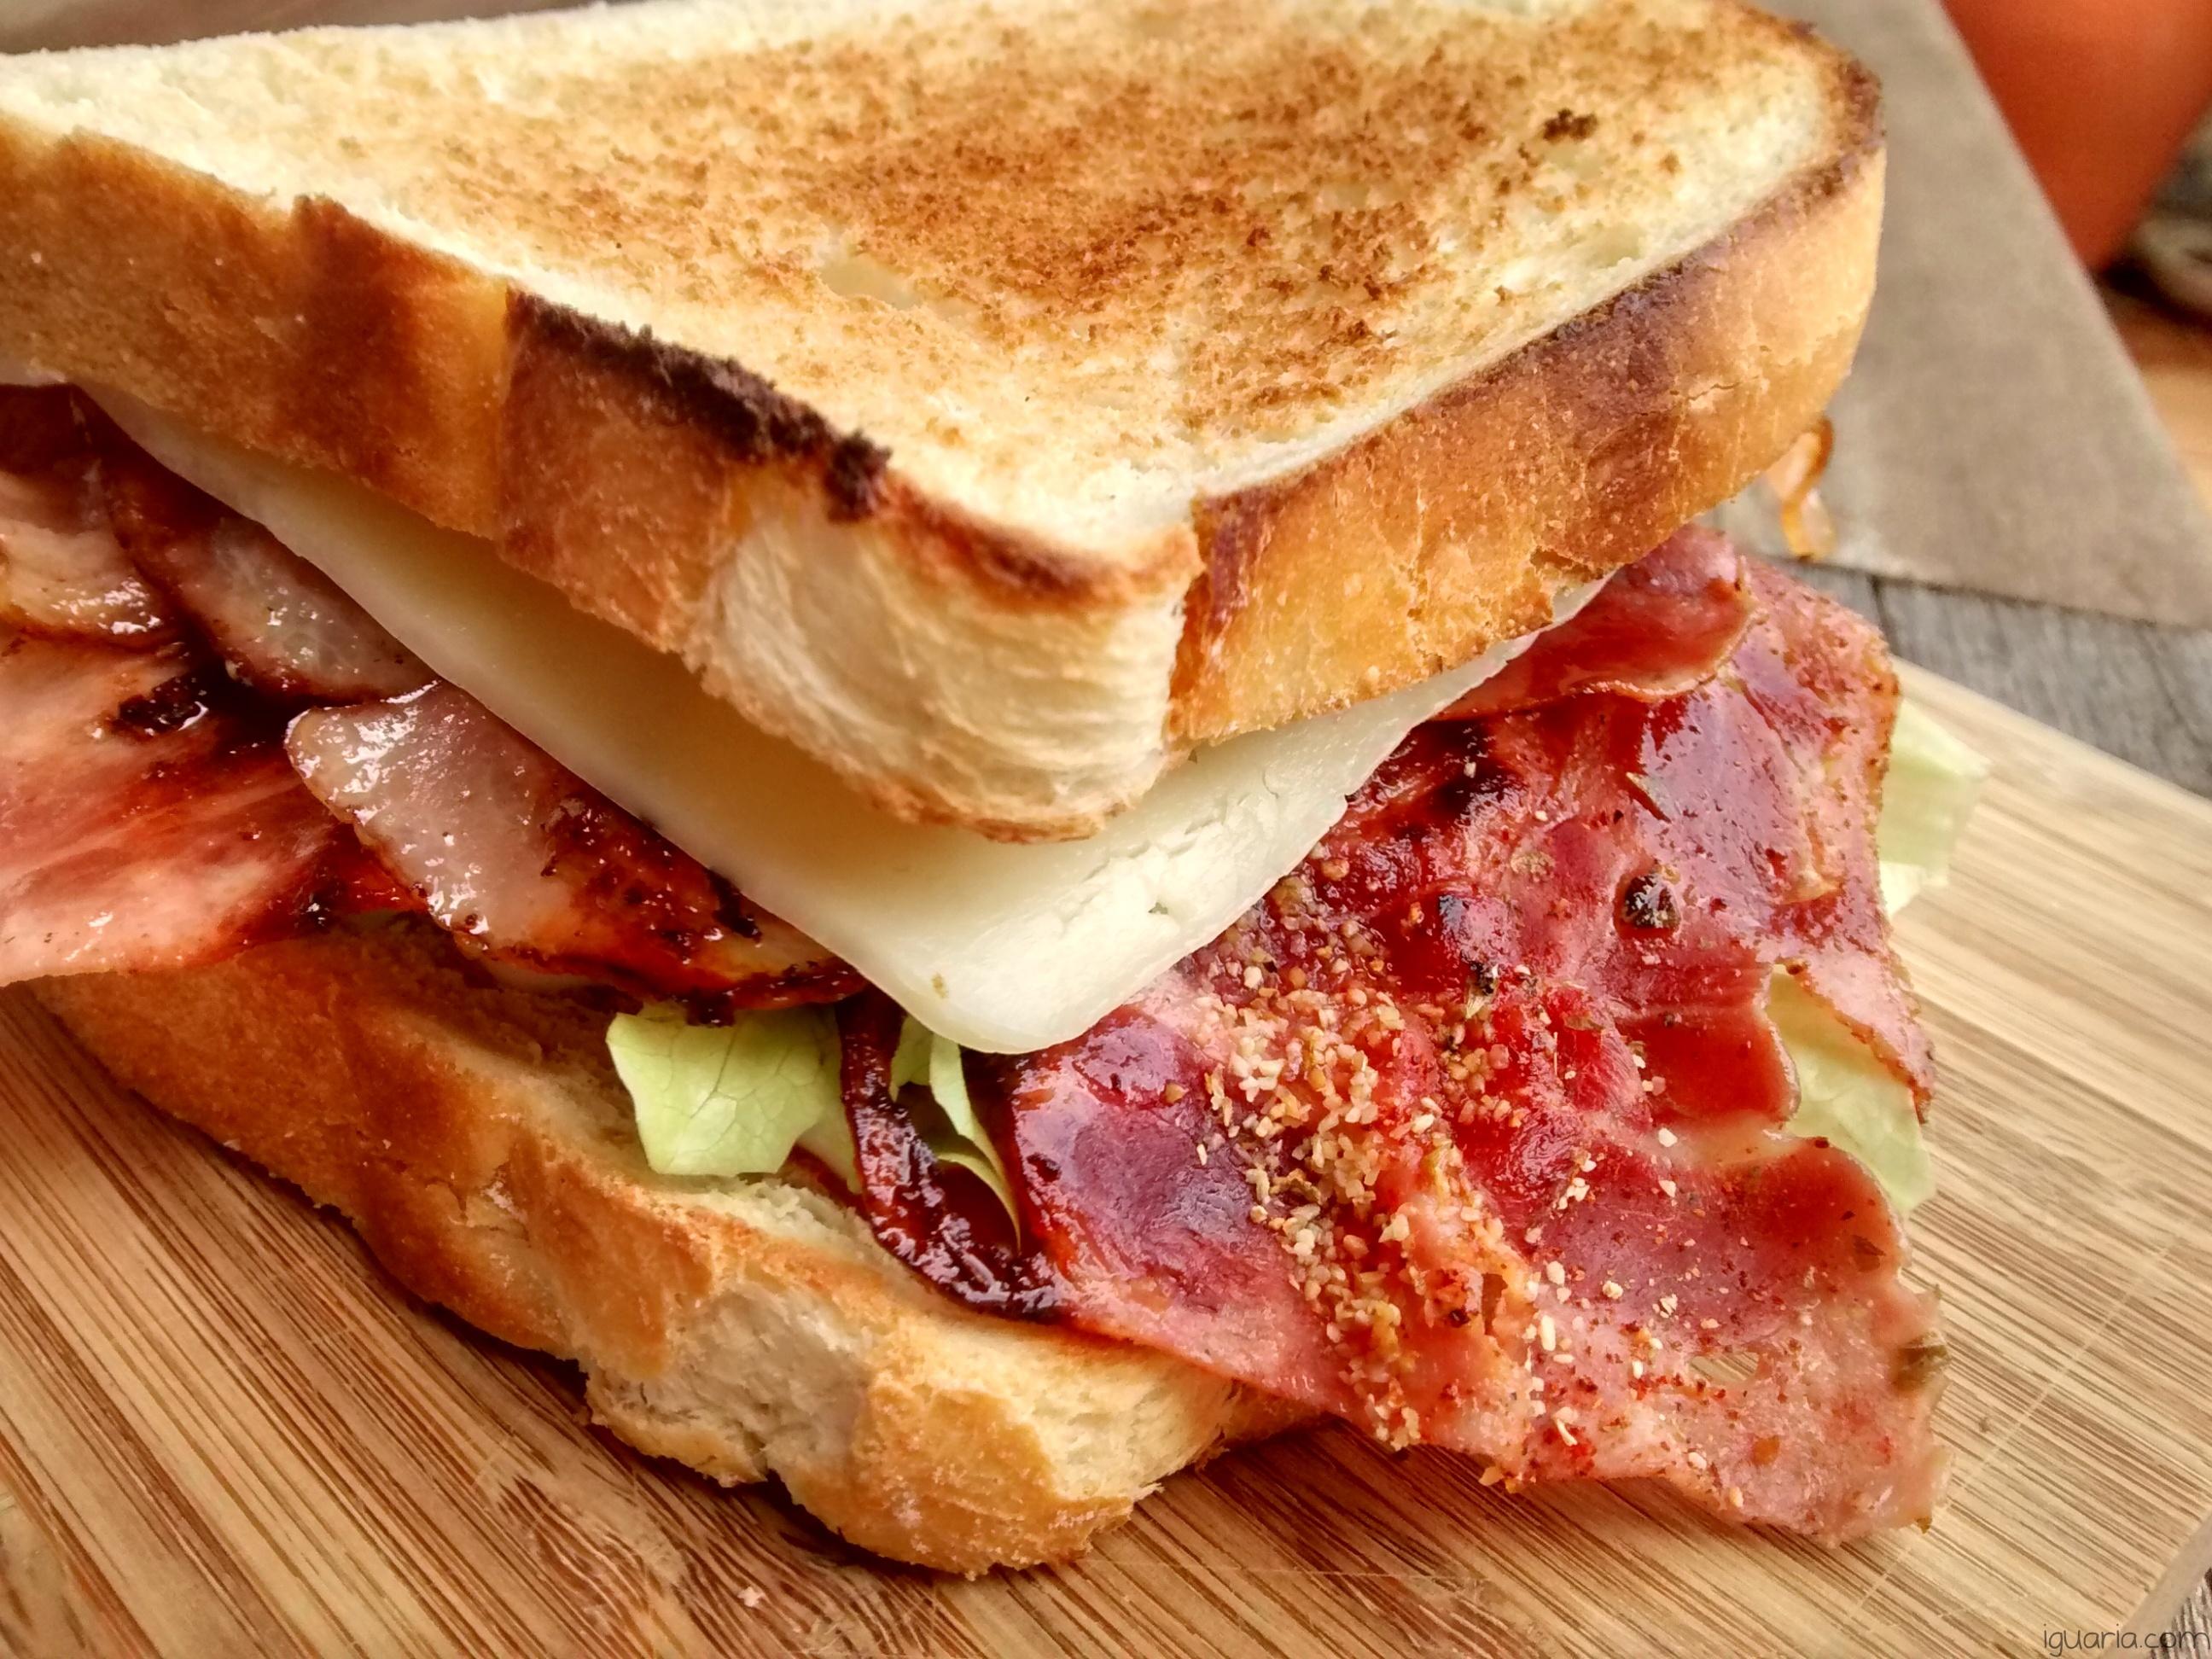 Iguaria_Sandes-de-Bacon-e-Fiambre-Fritos